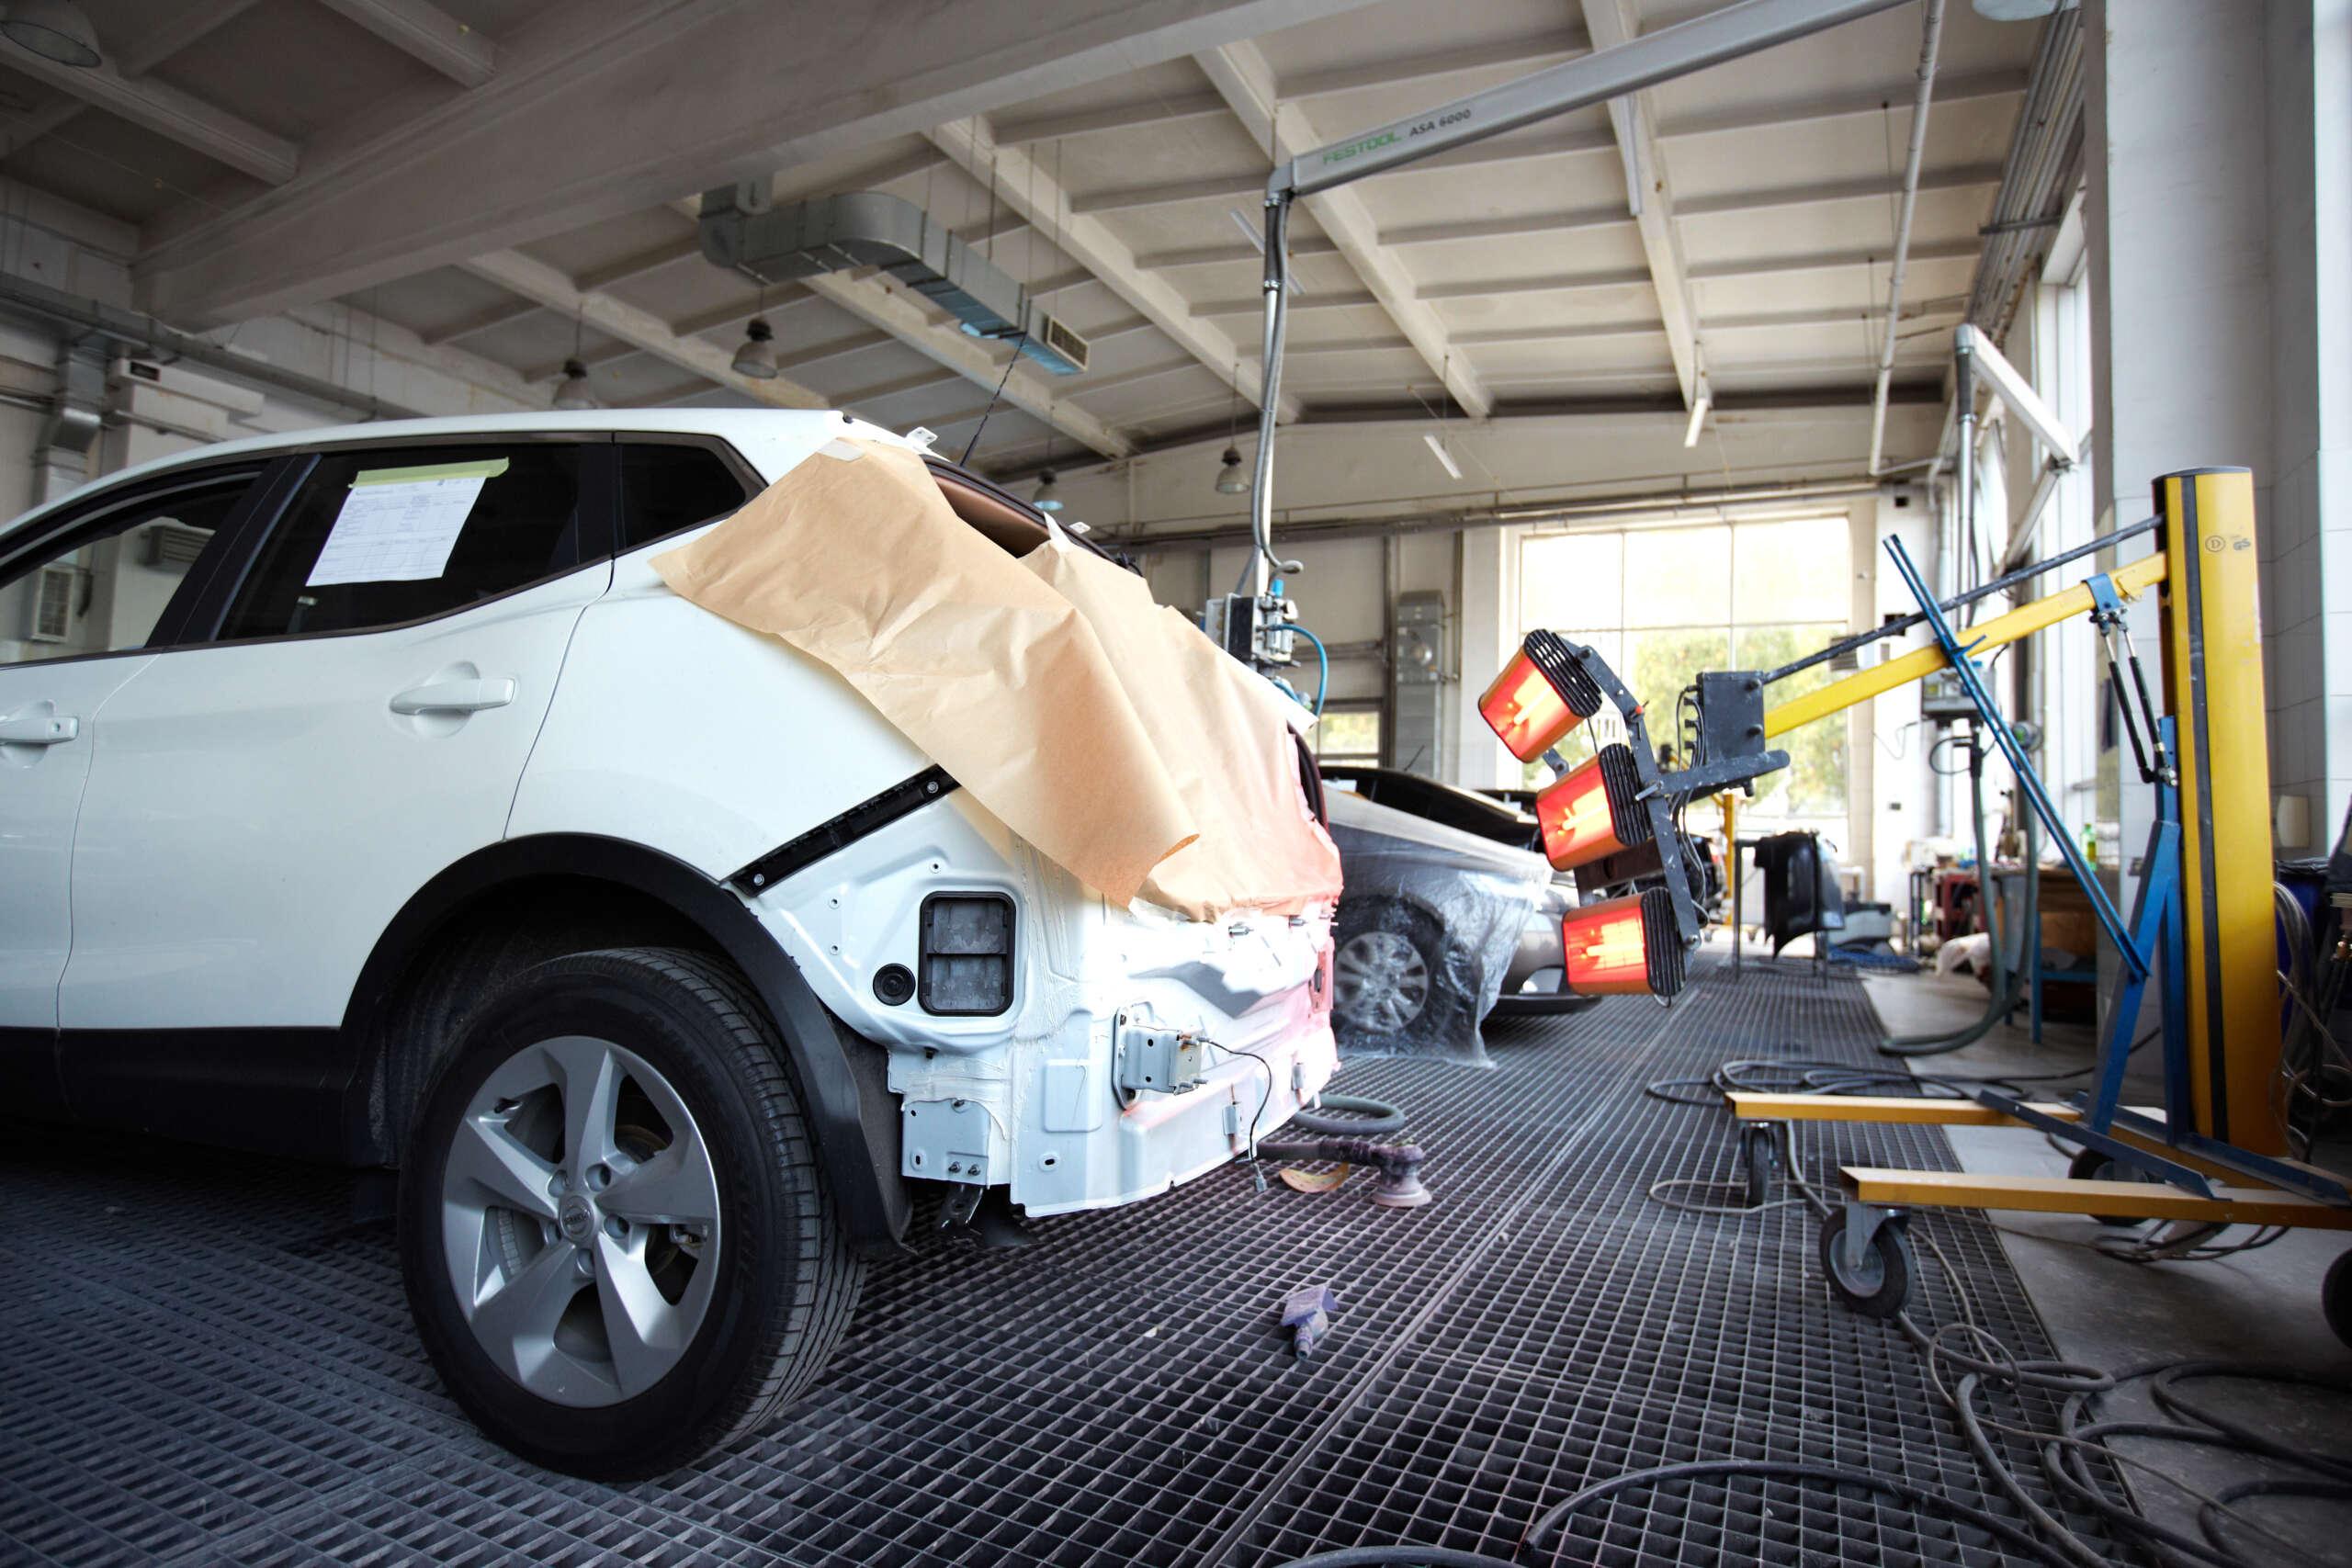 Самые сложные поломки авто: советы по ремонту от профессионалов - фото 2